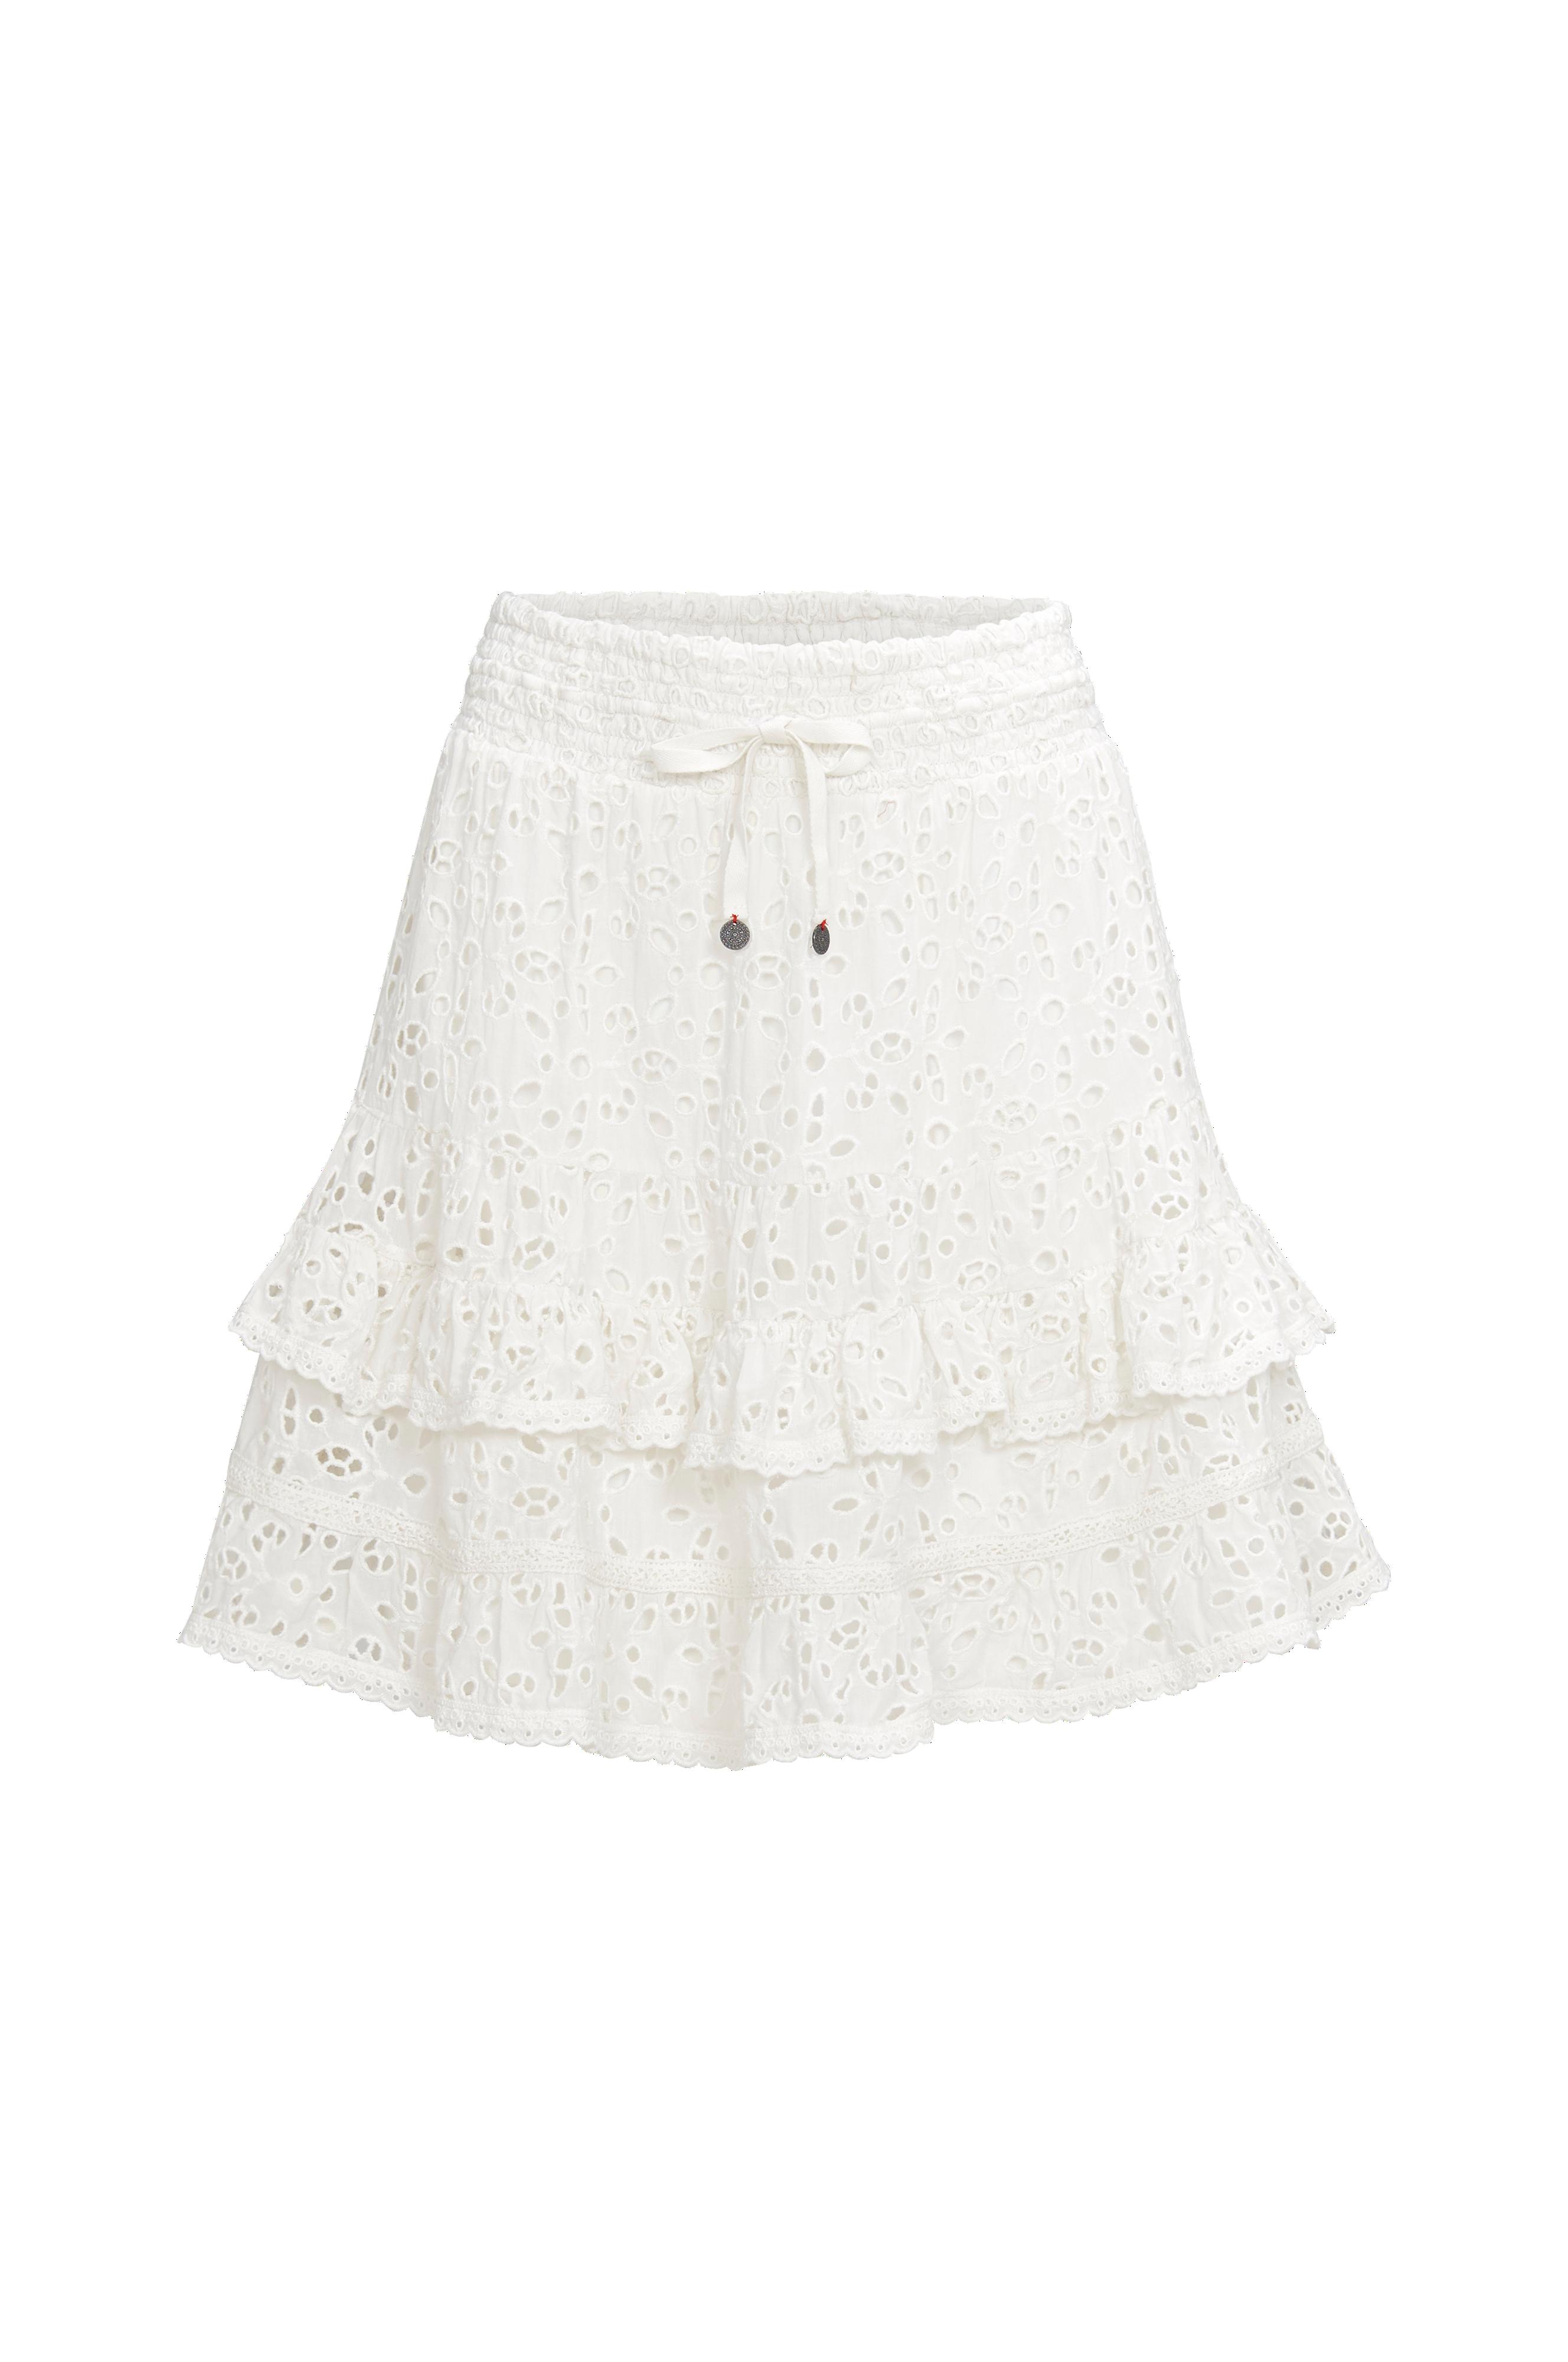 Odd Molly Kjol Swag Blossom Skirt Vit Korta kjolar